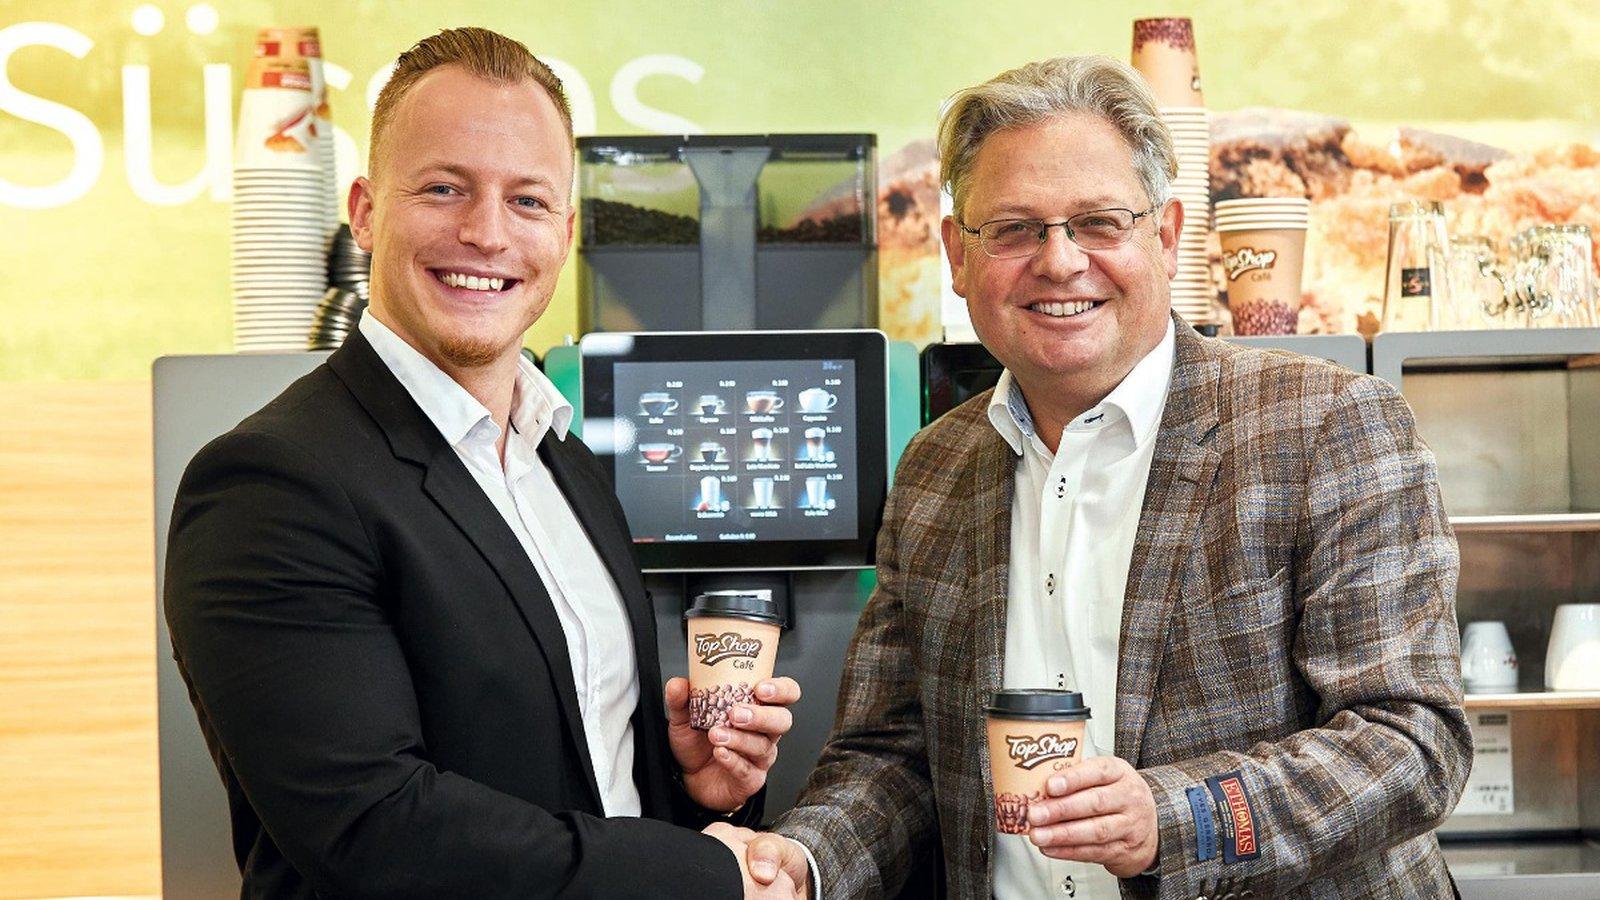 Gemeinsam in die Cloud - Franke und Landi Sursee digitalisieren den Kaffeegenuss